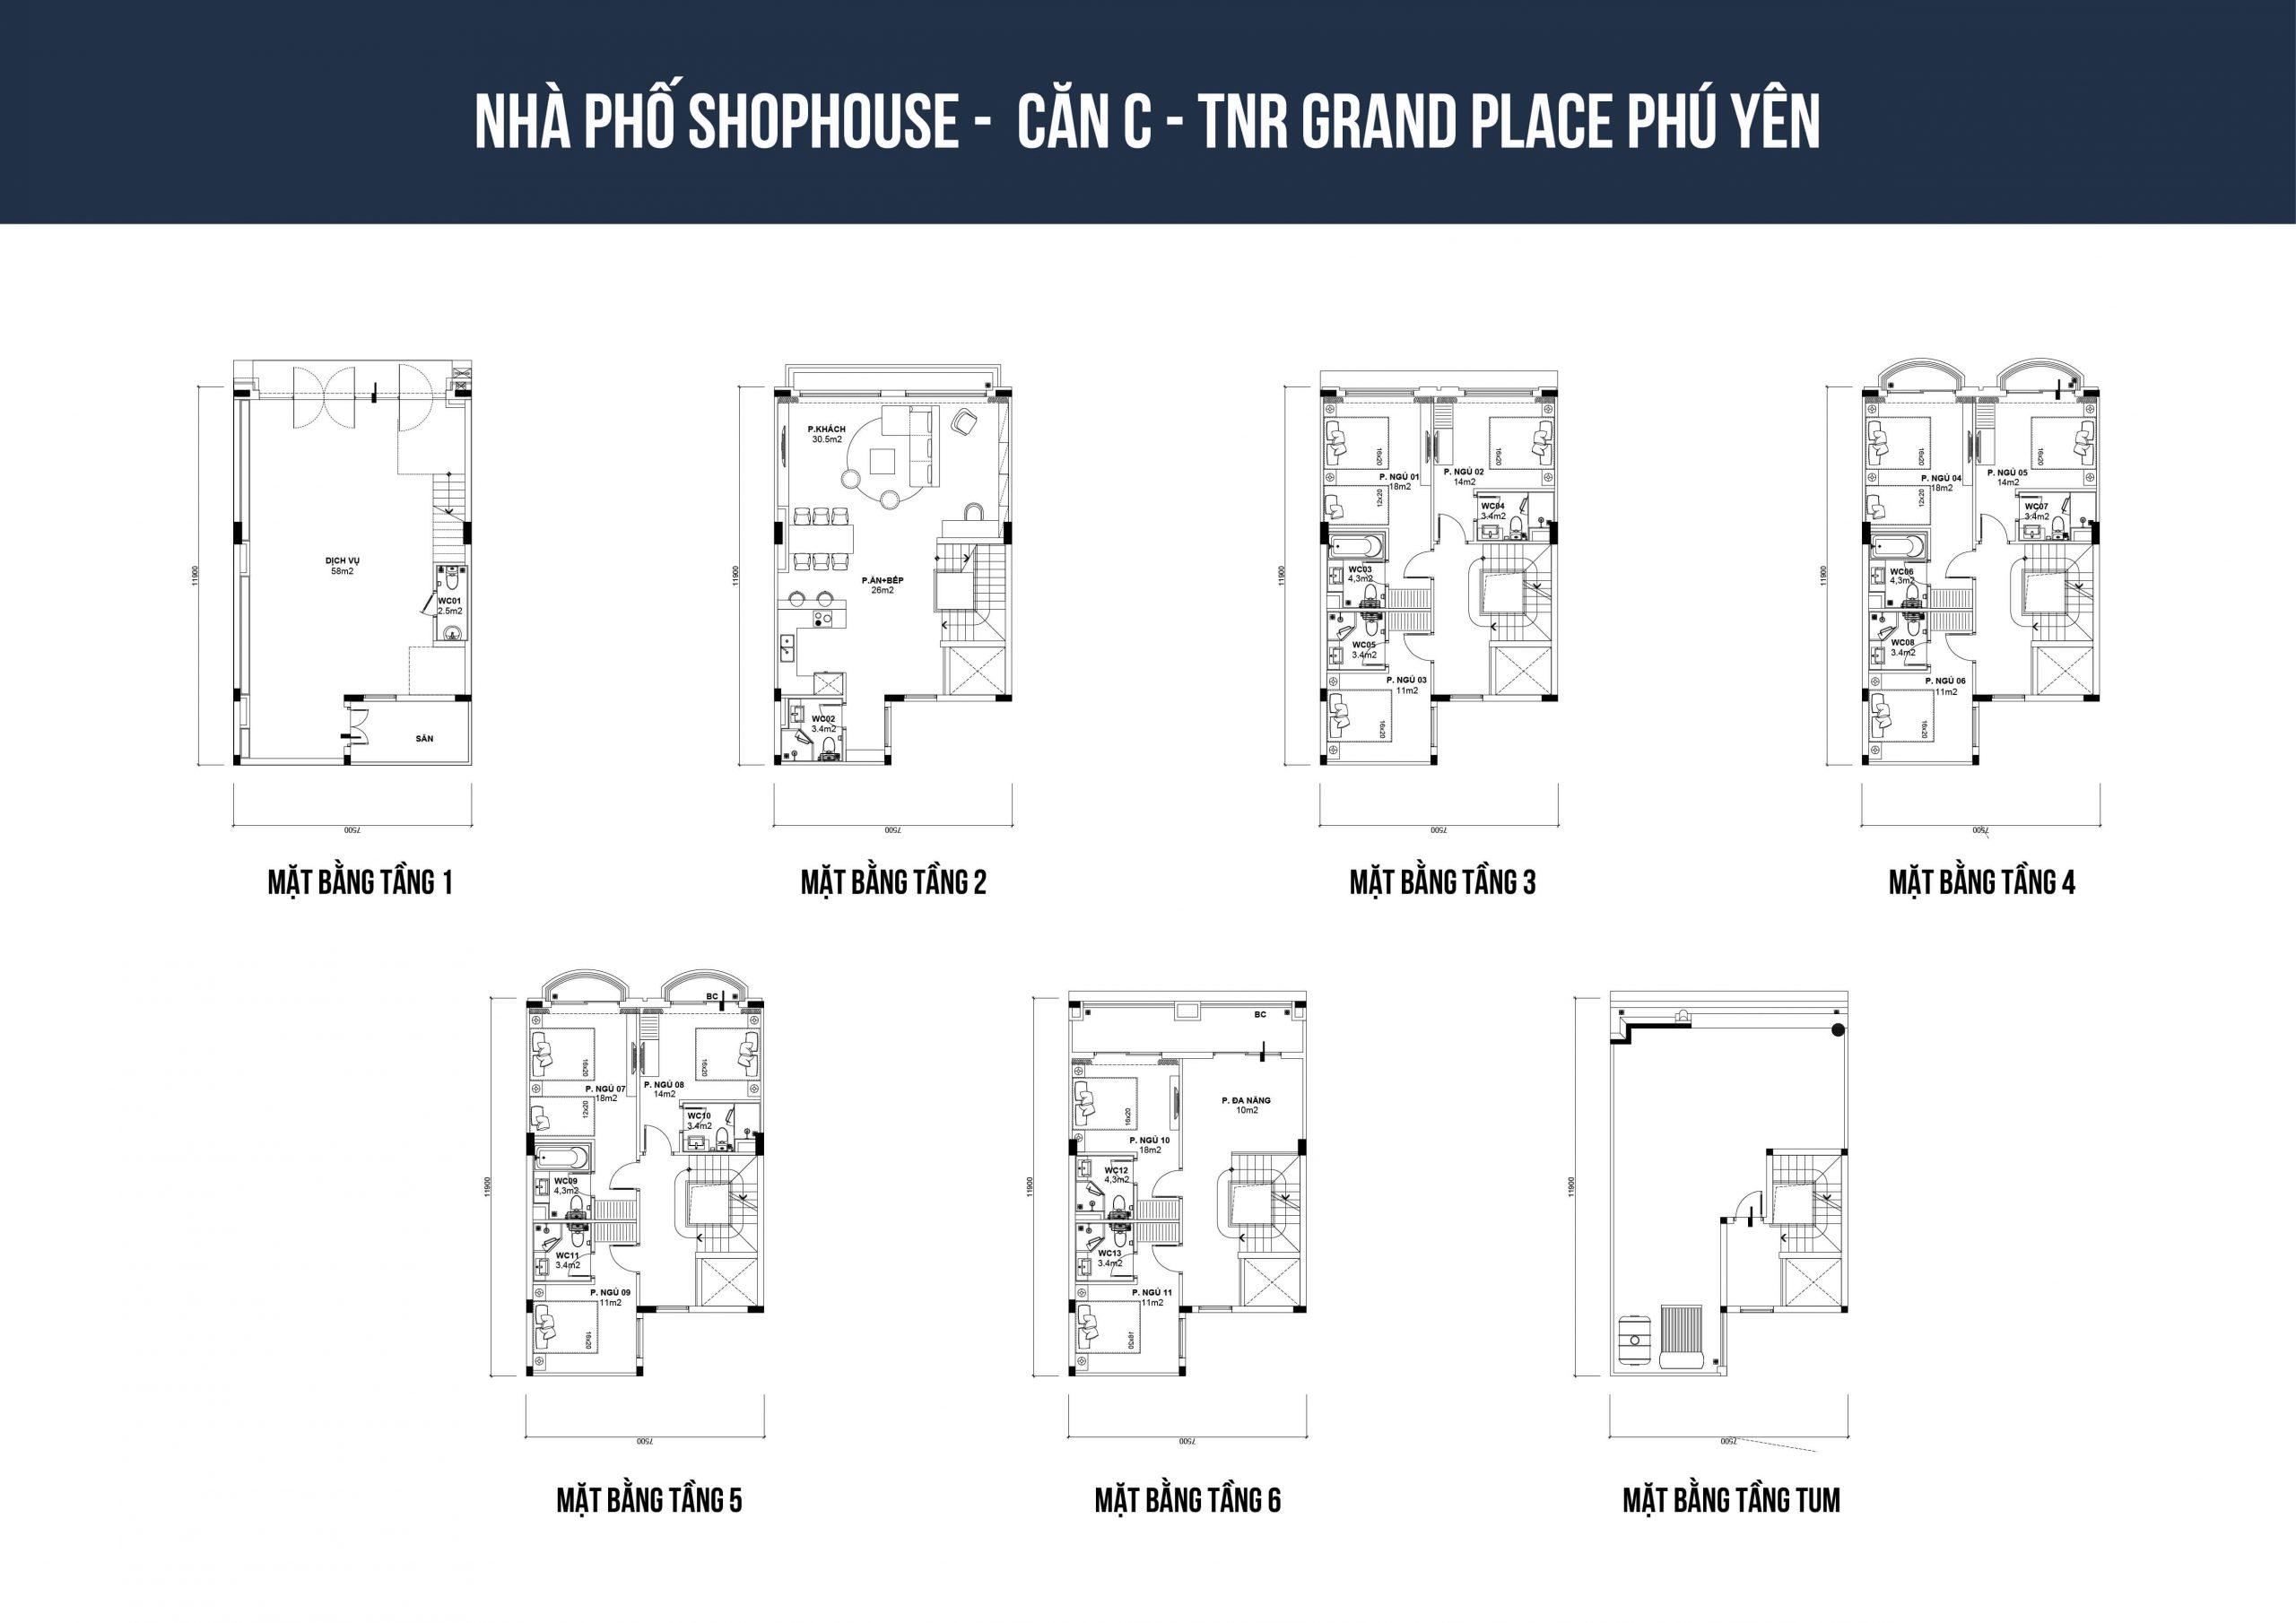 thiết kế shophouse tnr phú yên loại c1